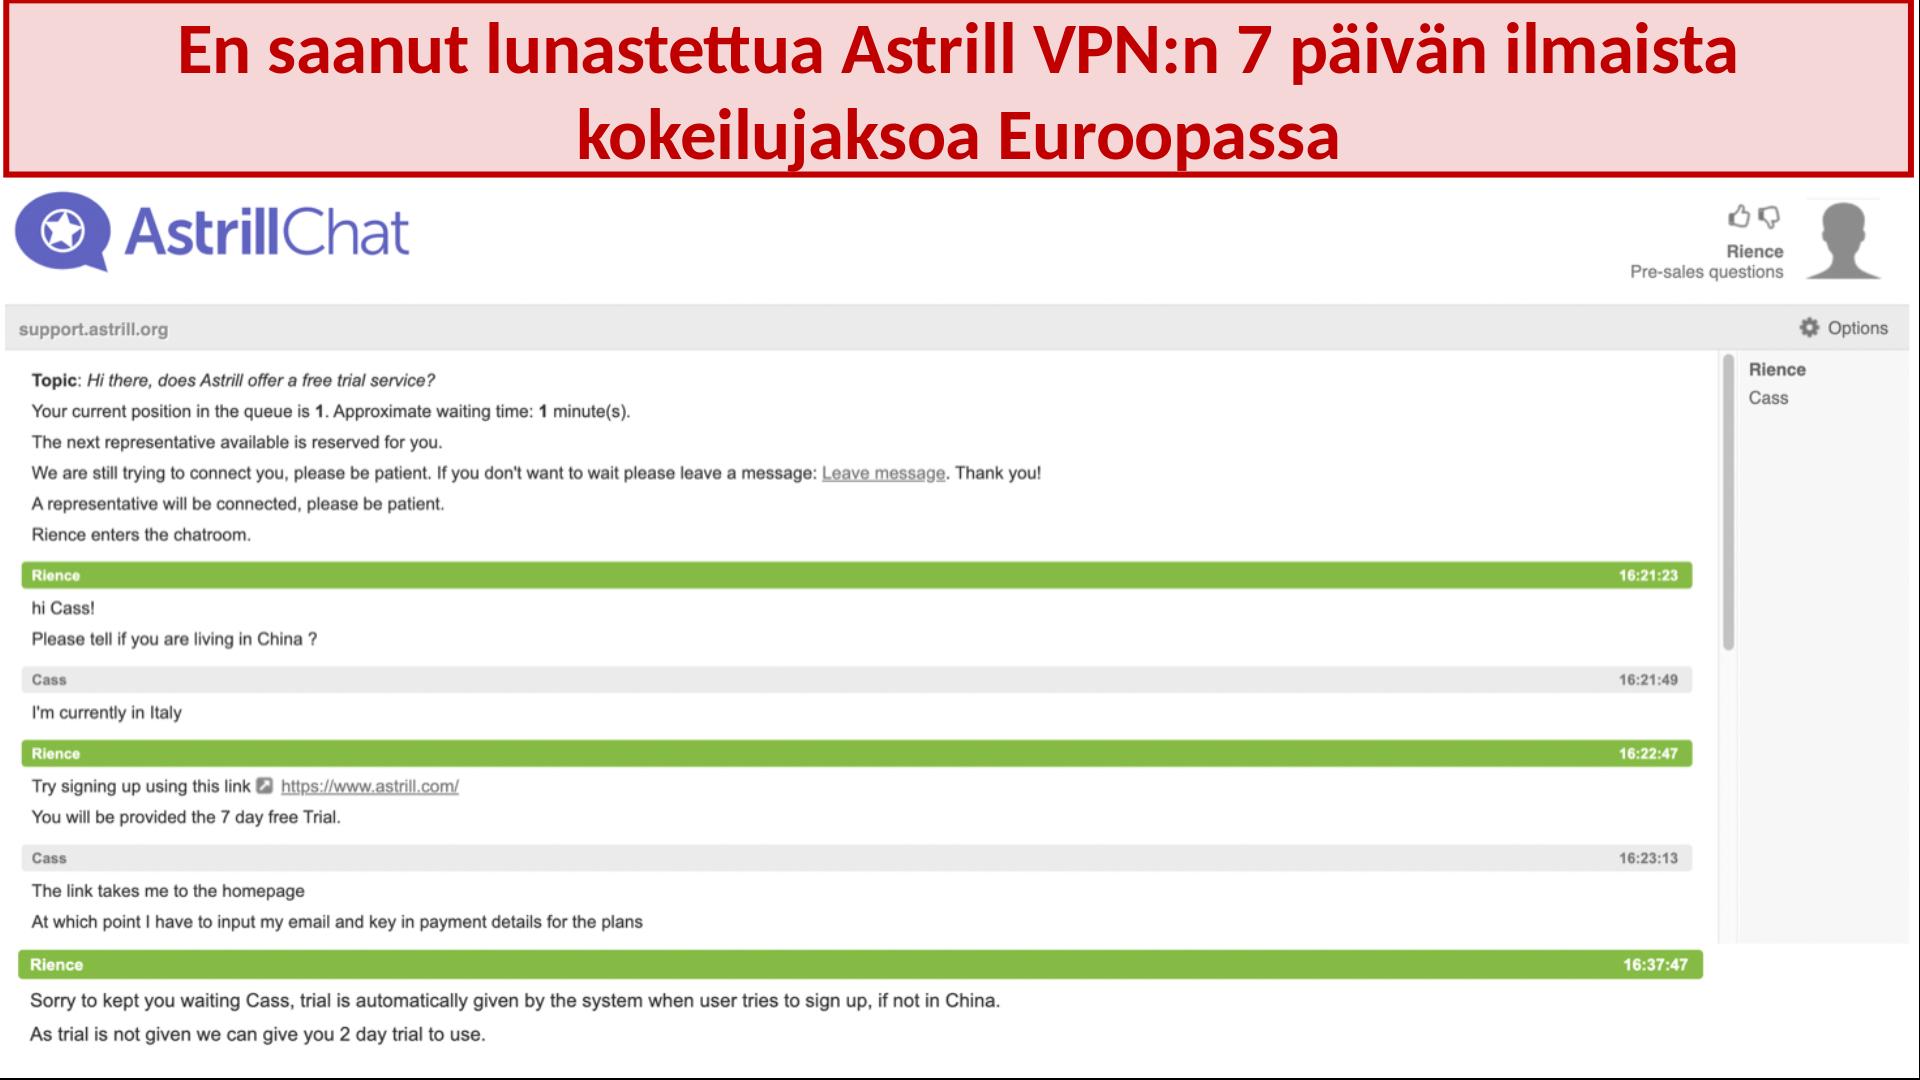 kuvakaappaus keskustelusta Astrill VPN -tukitiimin kanssa, jossa 7 päivän ilmaista kokeilua ei anneta, vaikka käyttäjä olisi Euroopassa